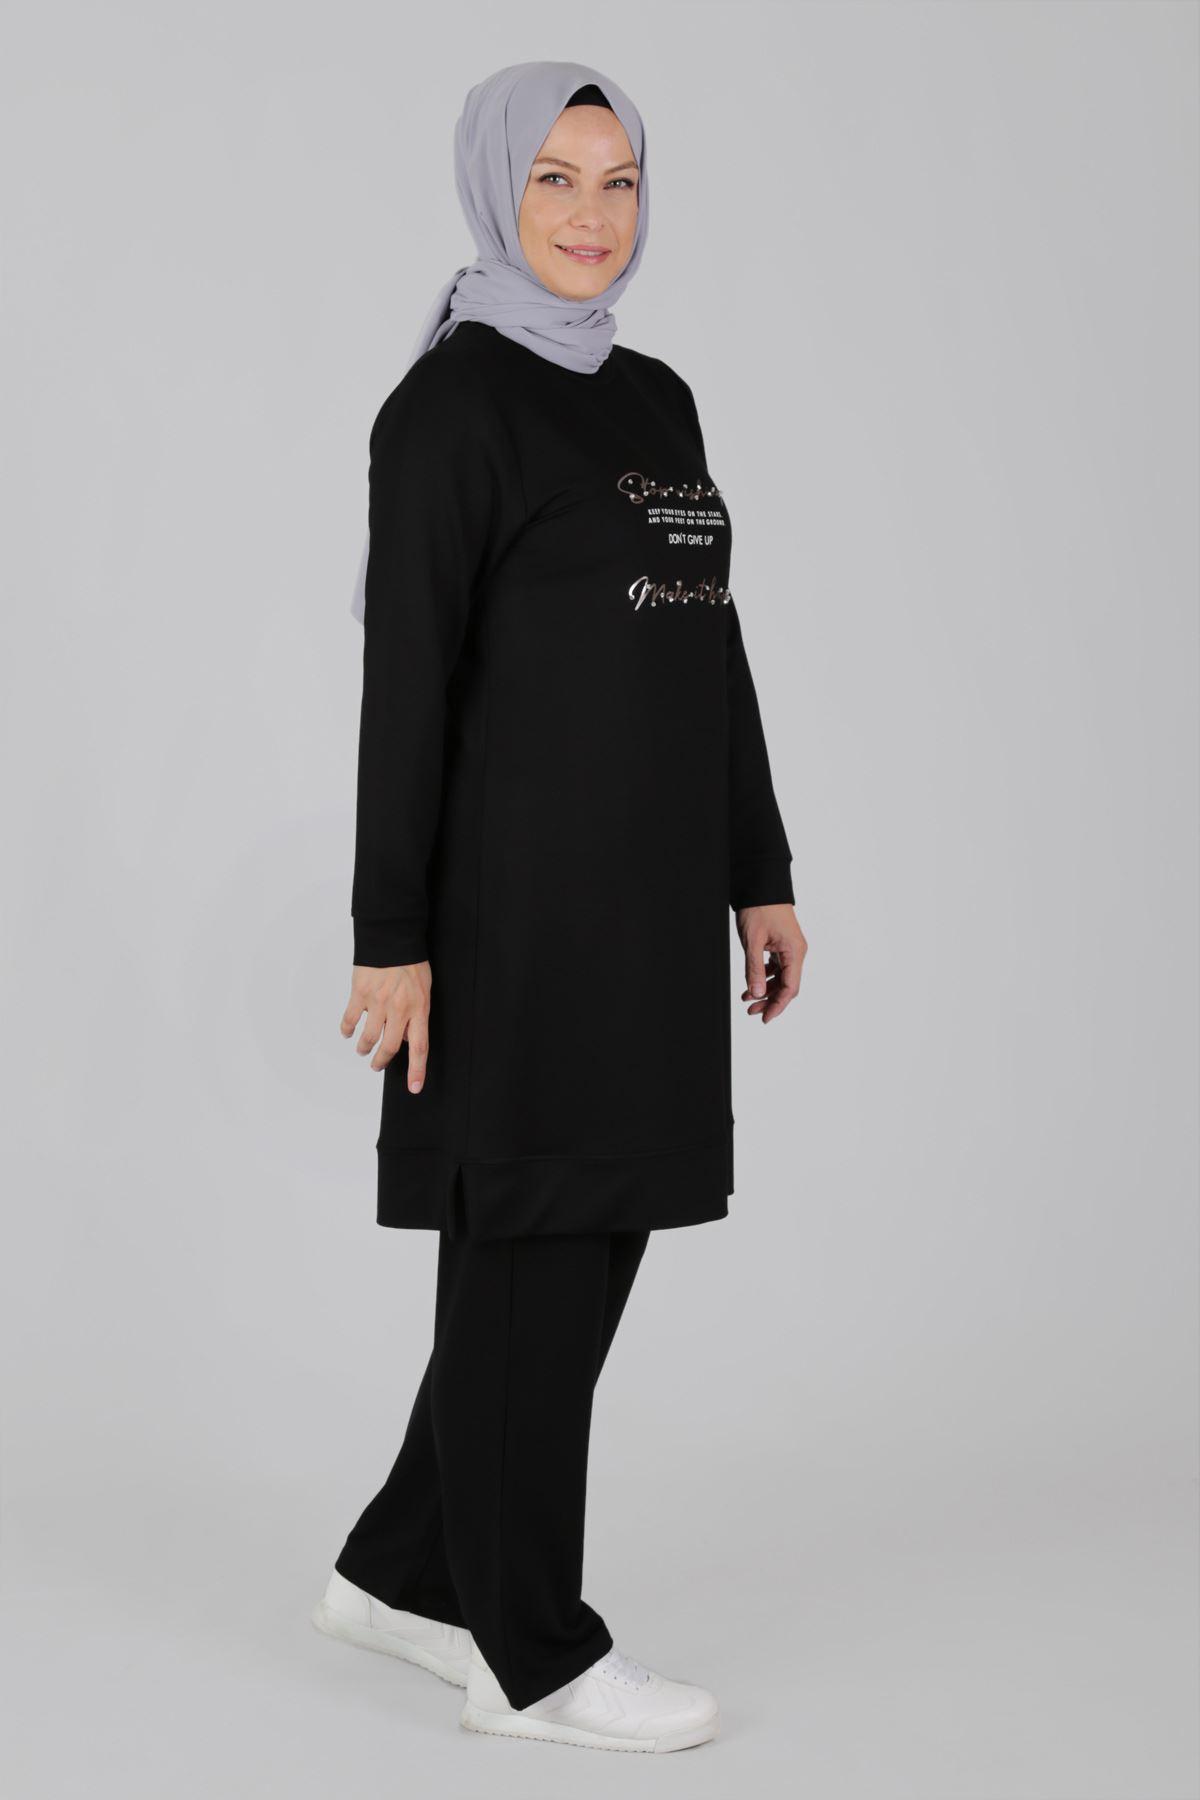 Büyük Beden Tesettür Pantolonlu Takım 35048 Siyah